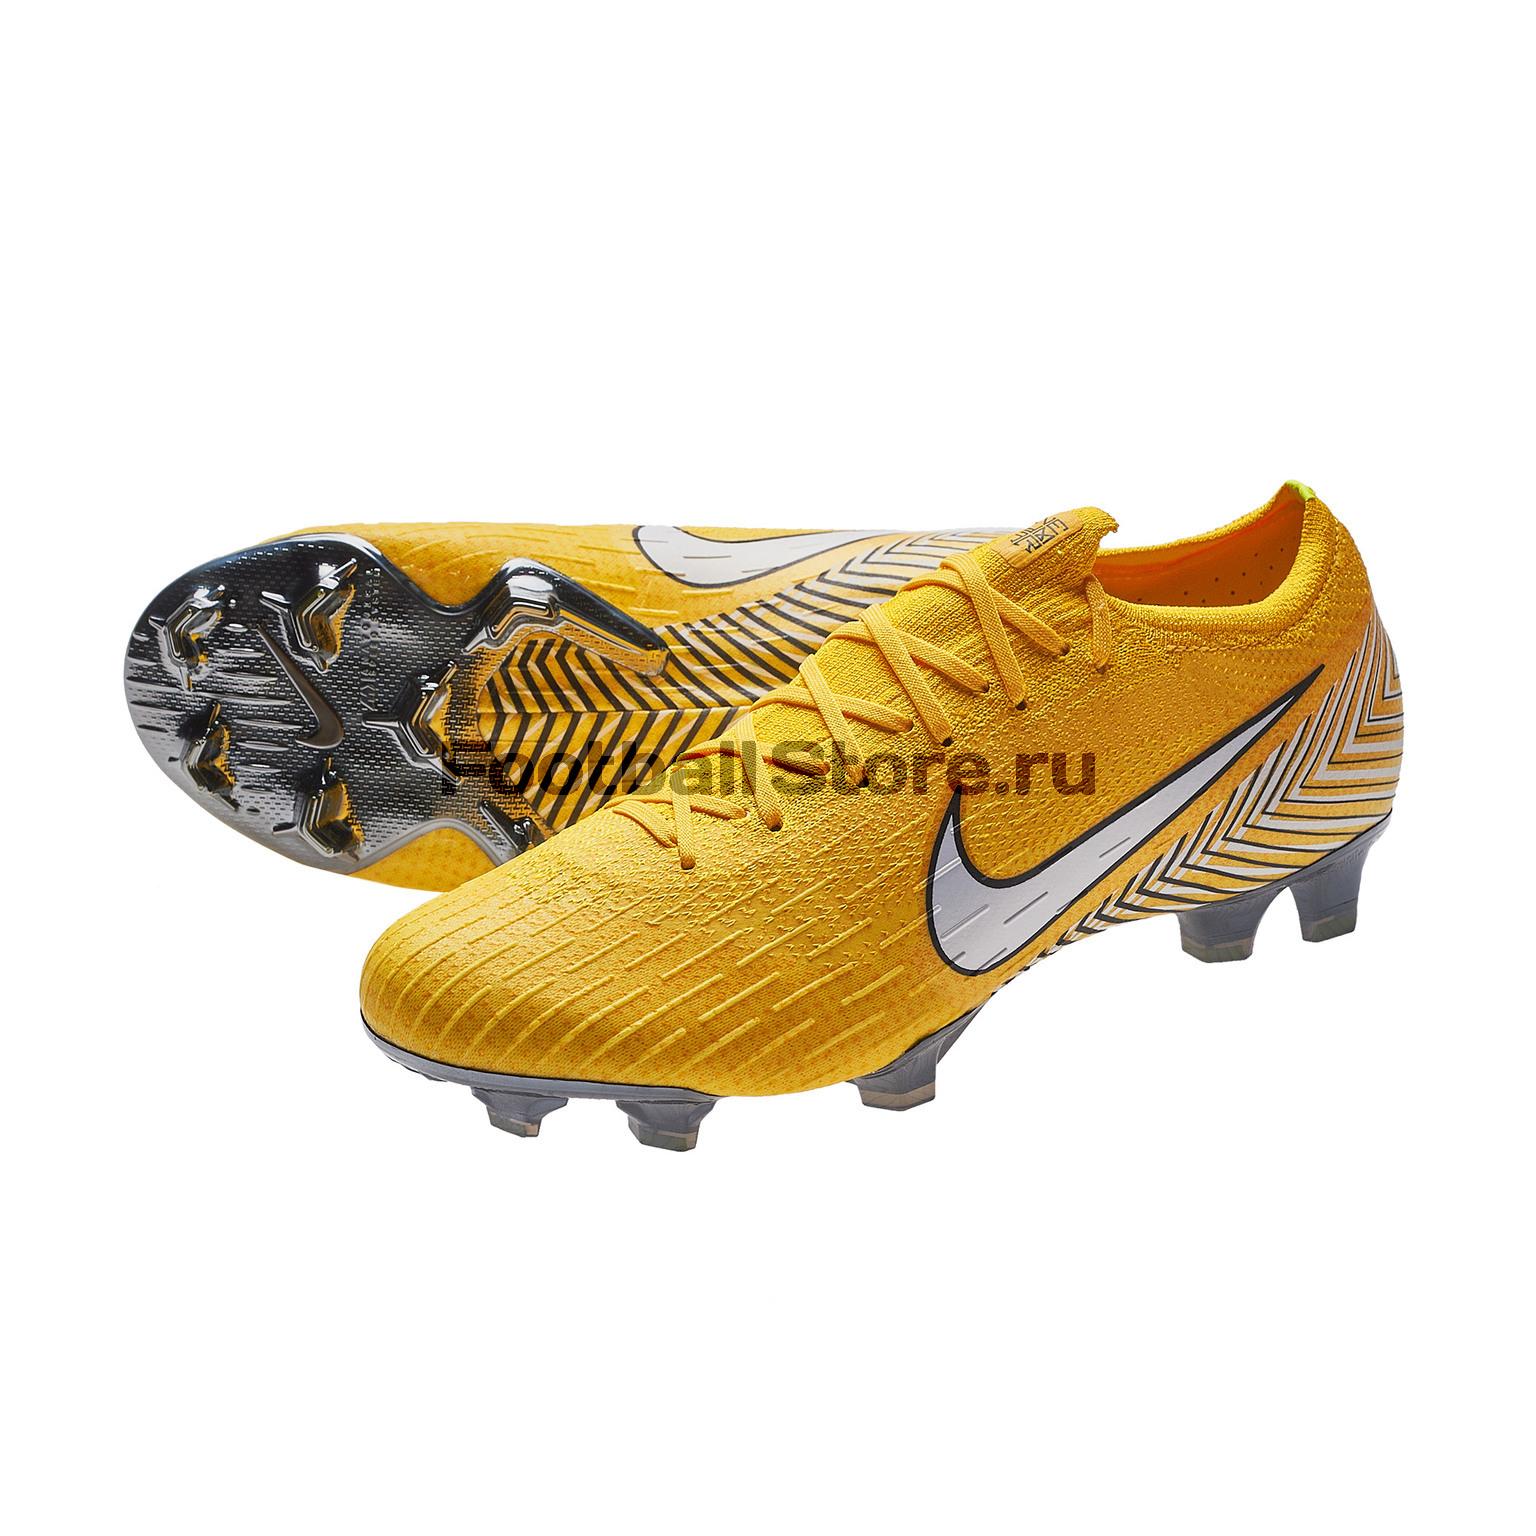 6df7cd35 Бутсы Nike Vapor 12 Elite Neymar FG AO3126-710 – купить бутсы в интернет  магазине Footballstore, цена, фото, отзывы